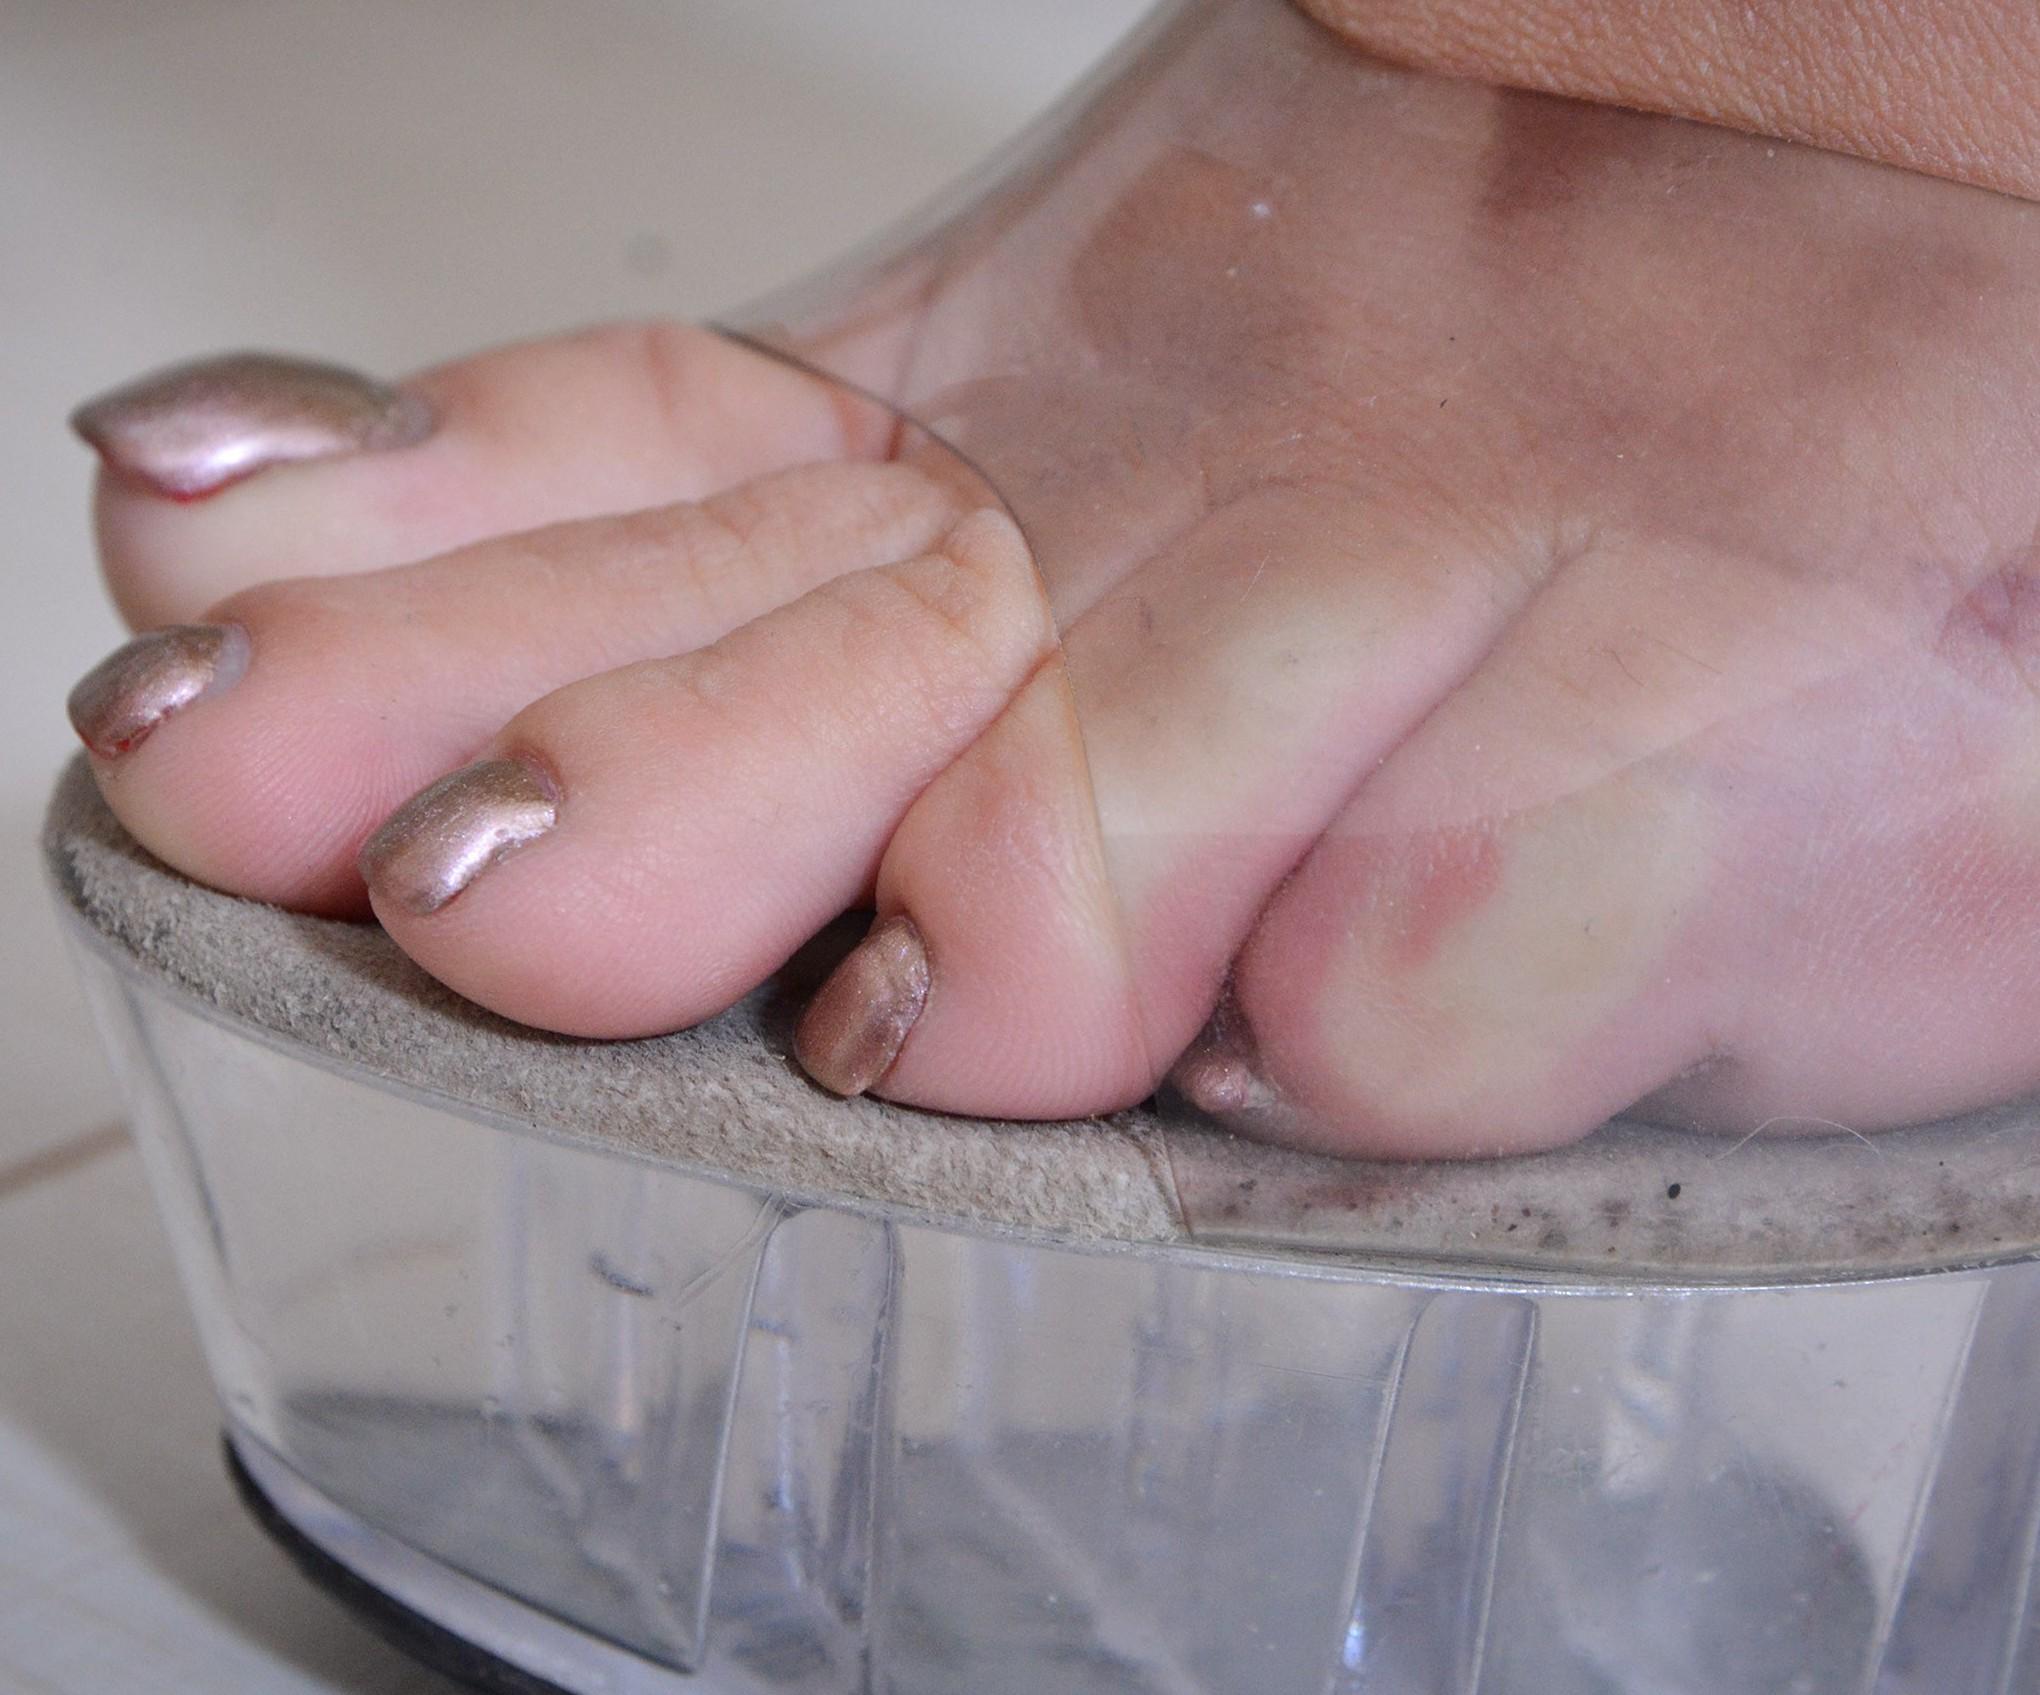 Alte  Heels und schöne Füße